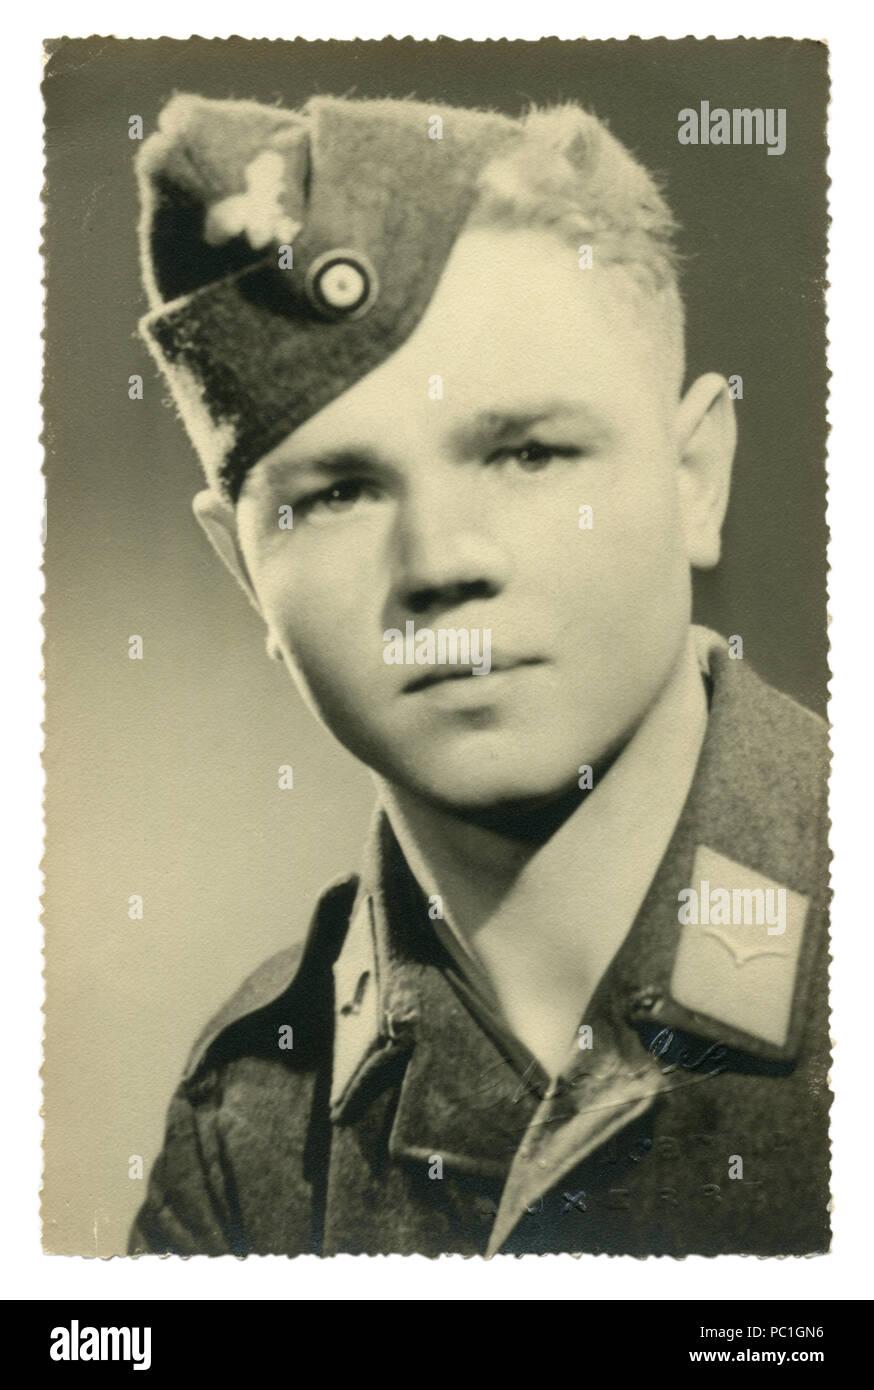 German Historical foto: joven apuesto hombre, privado en uniforme militar de la fuerza aérea, la Luftwaffe, fotografía de estudio de 1943, la segunda guerra mundial, Alemania Imagen De Stock